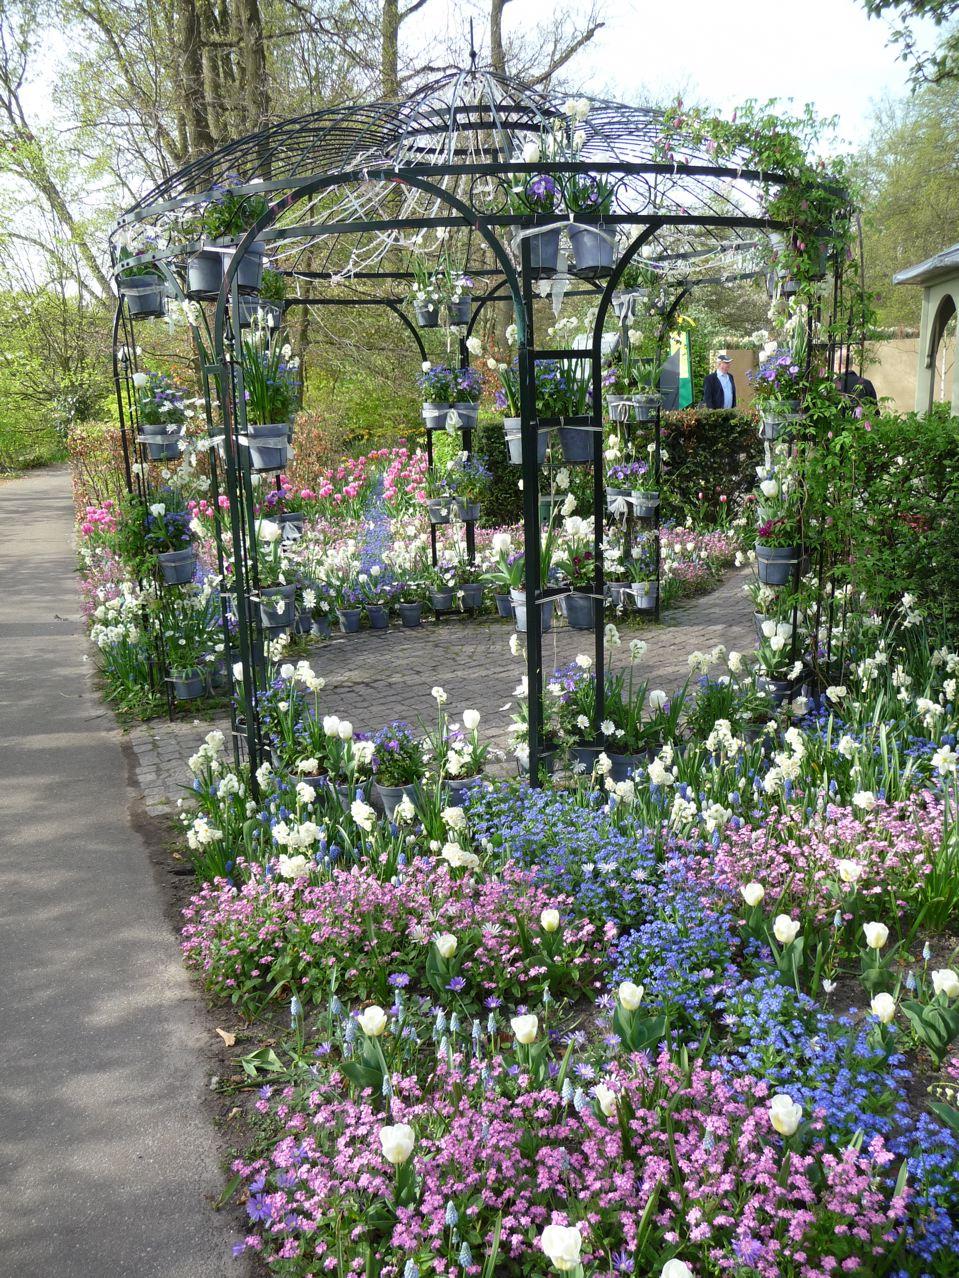 Les jardins d'inspiration du parc de Keukenhof en Hollande